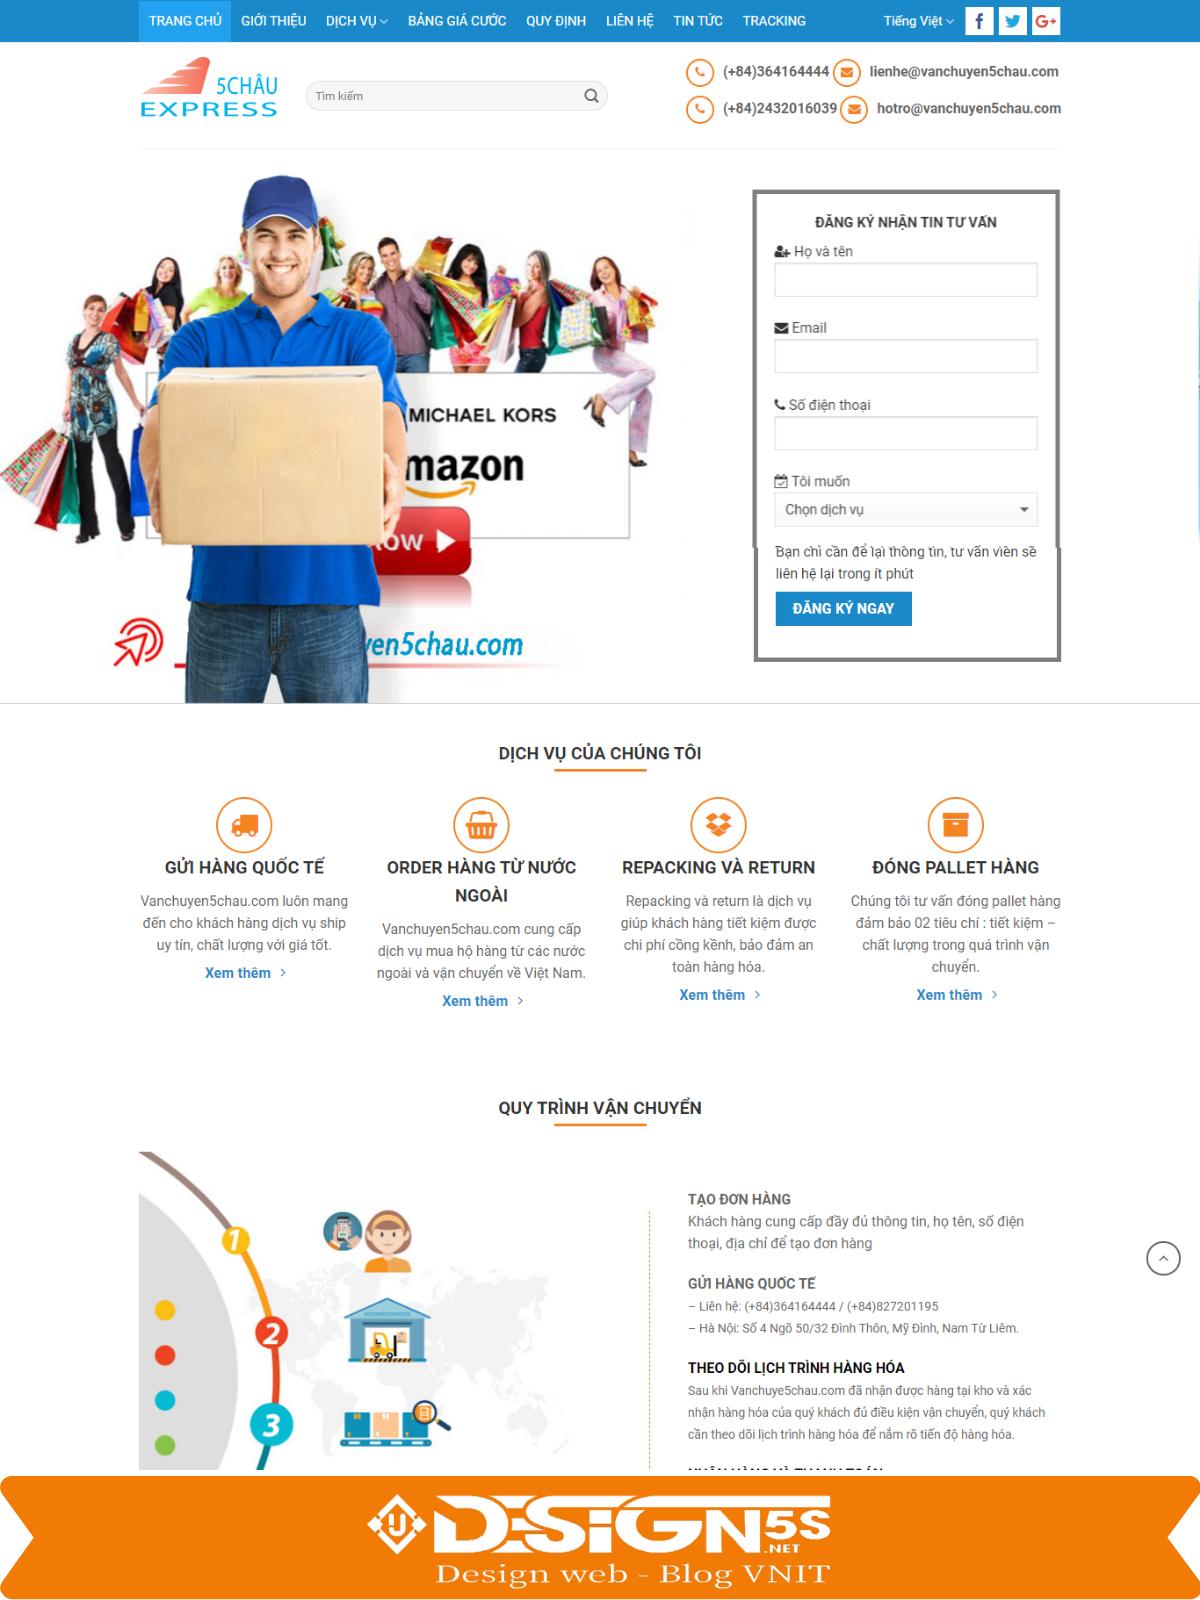 Mẫu Website công ty chuyển phát nhanh , vận chuyển 5 châu